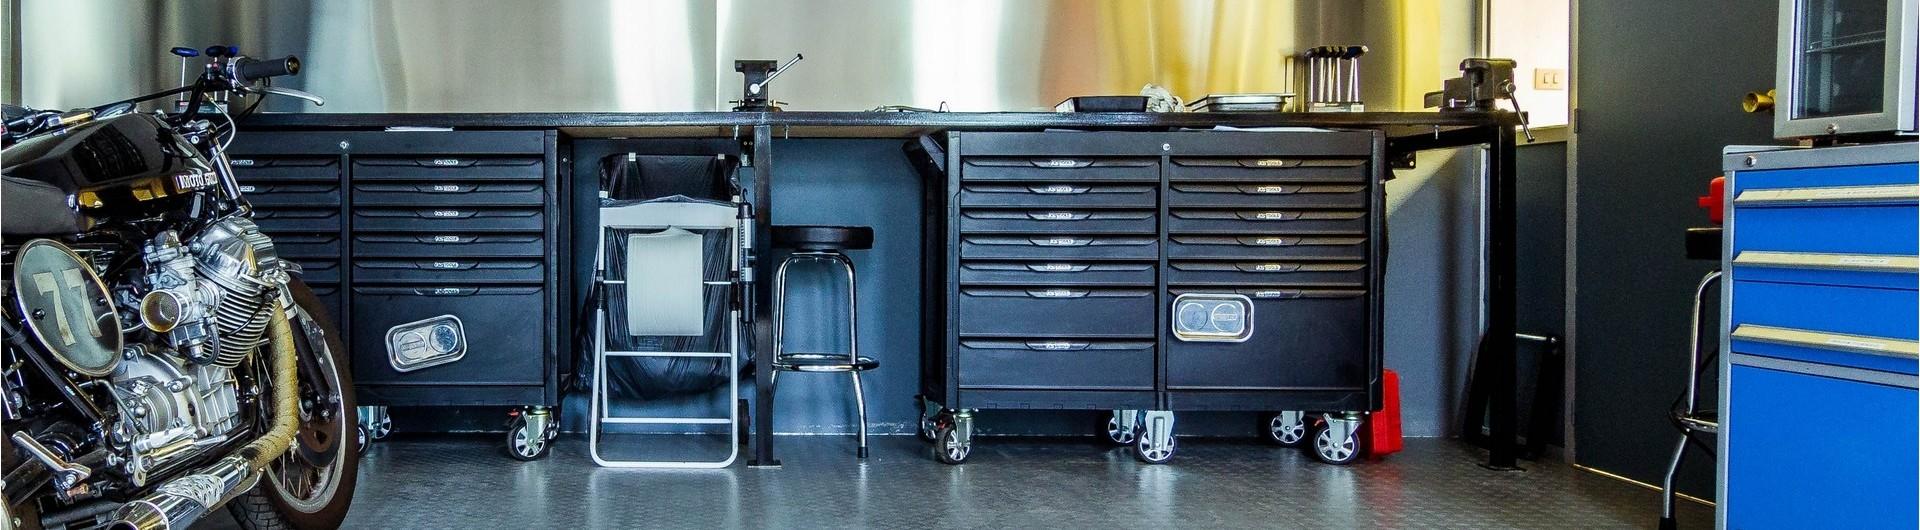 Retrouvé les accessoires et l'équipement pour votre atelier ou garage